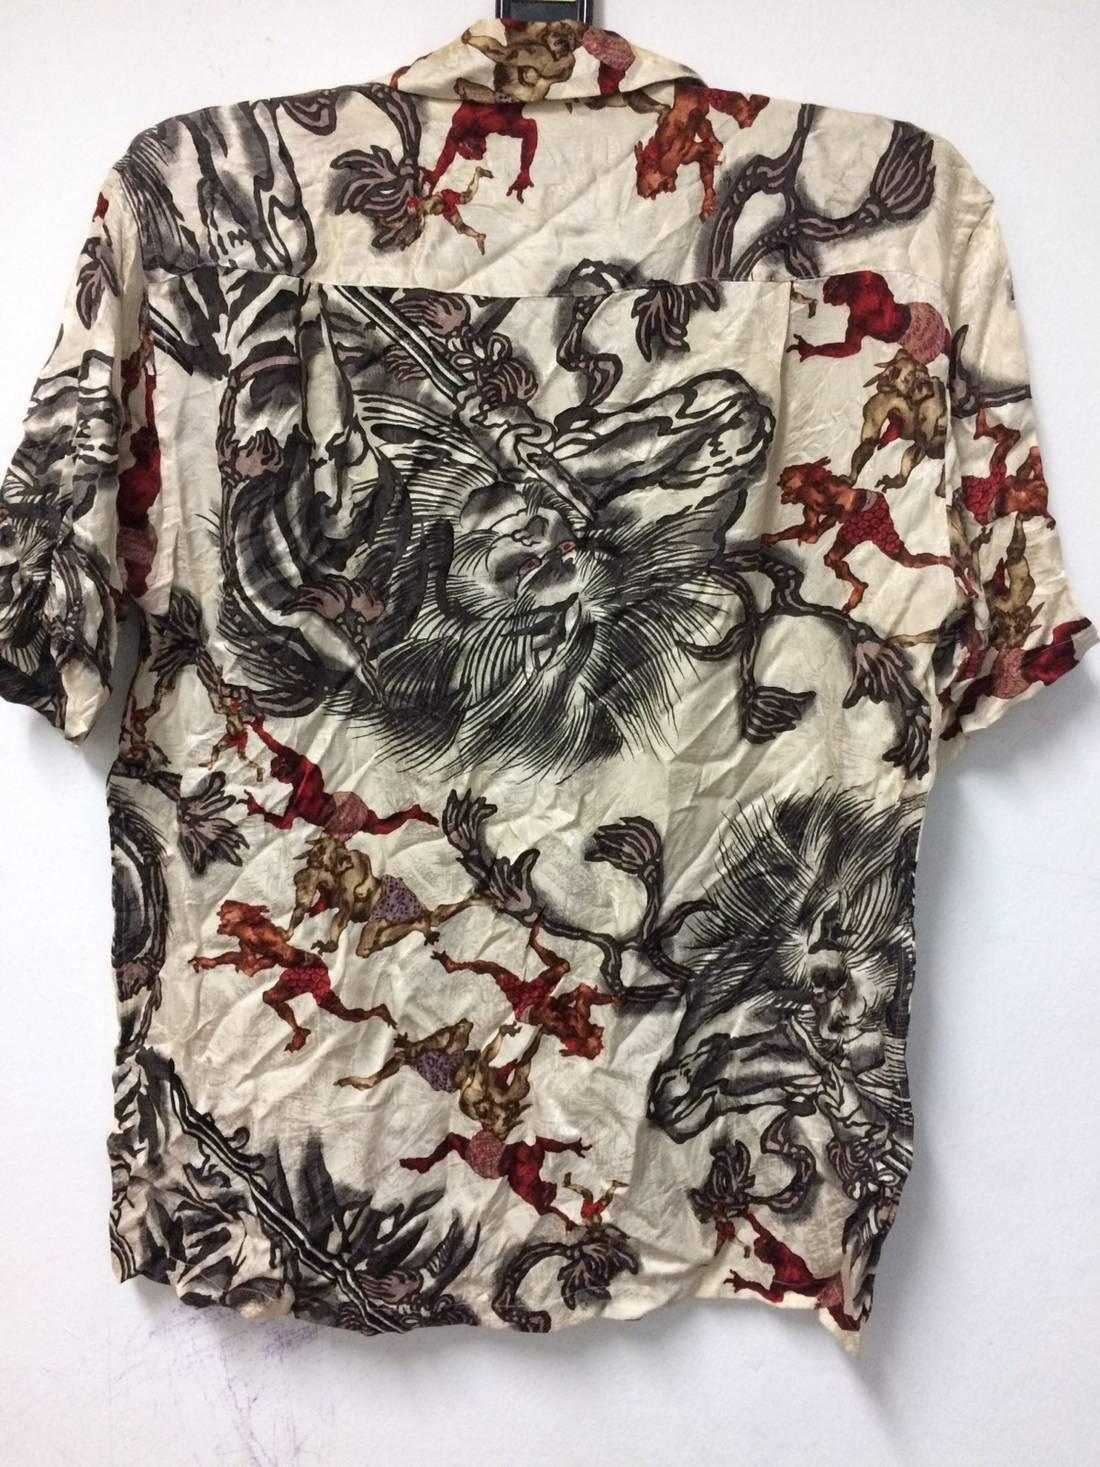 2889f78e142 Jade Fashion - Aloha Wear Clothing Store